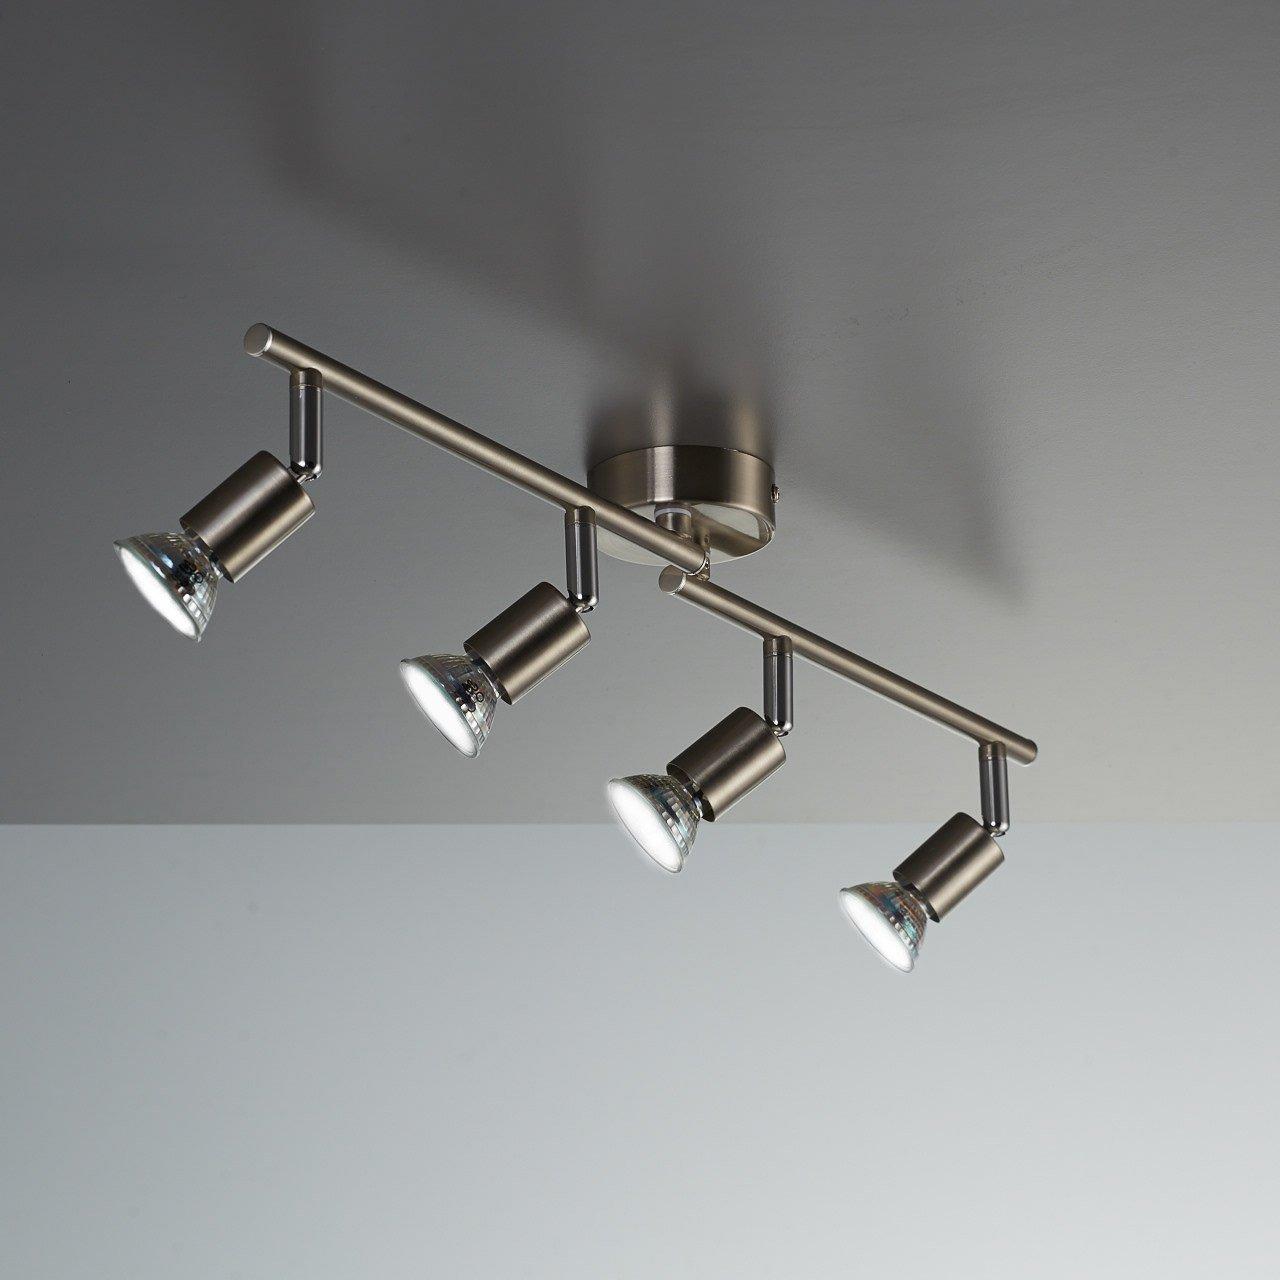 LED Deckenleuchte Schwenkbar Inkl 4 X 3W Leuchtmittel 230V GU10 IP20 Strahler Deckenlampe Spots Wohnzimmerlampe Deckenspot